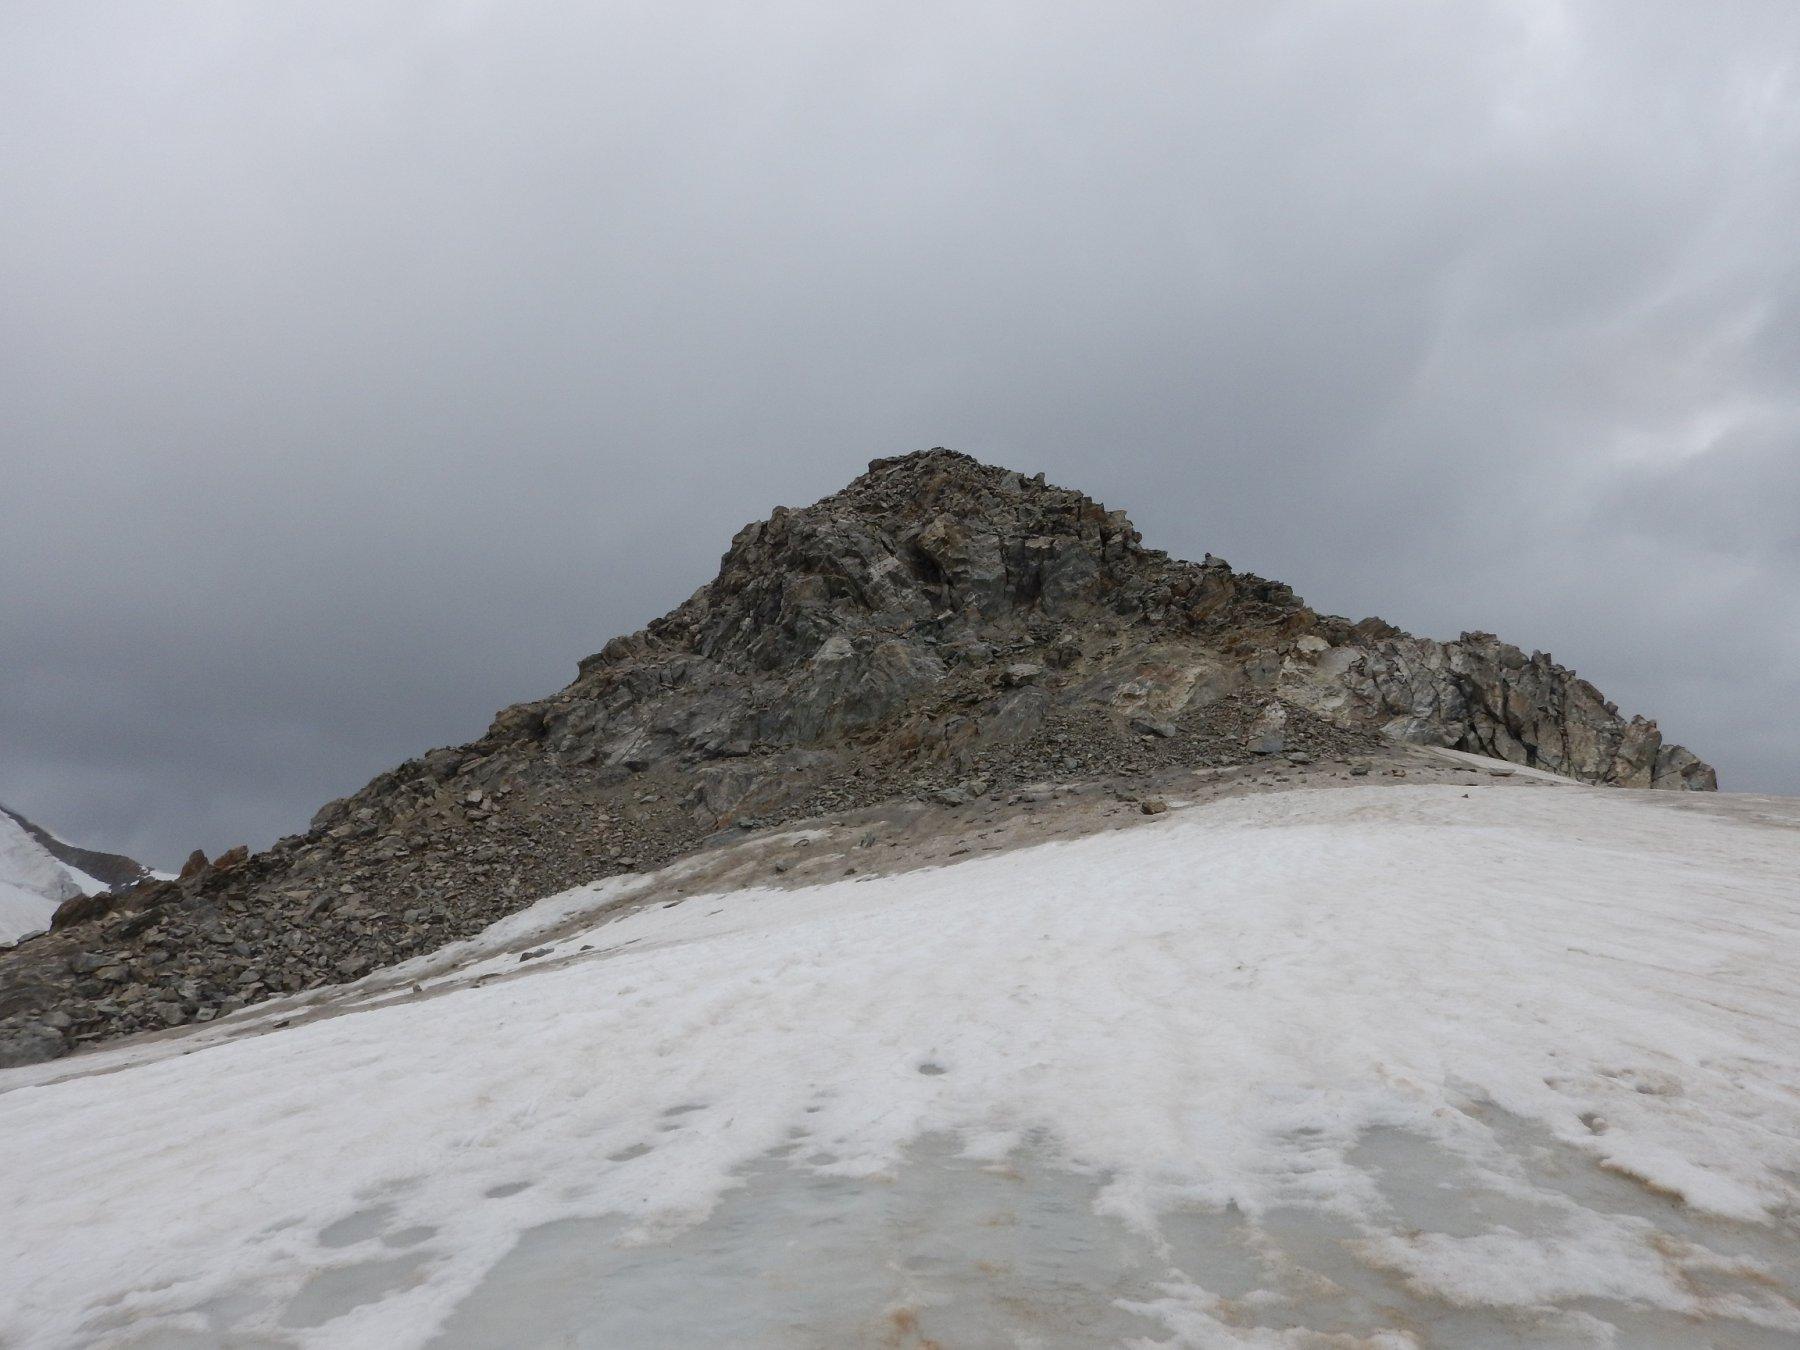 ultimo tratto di roccette